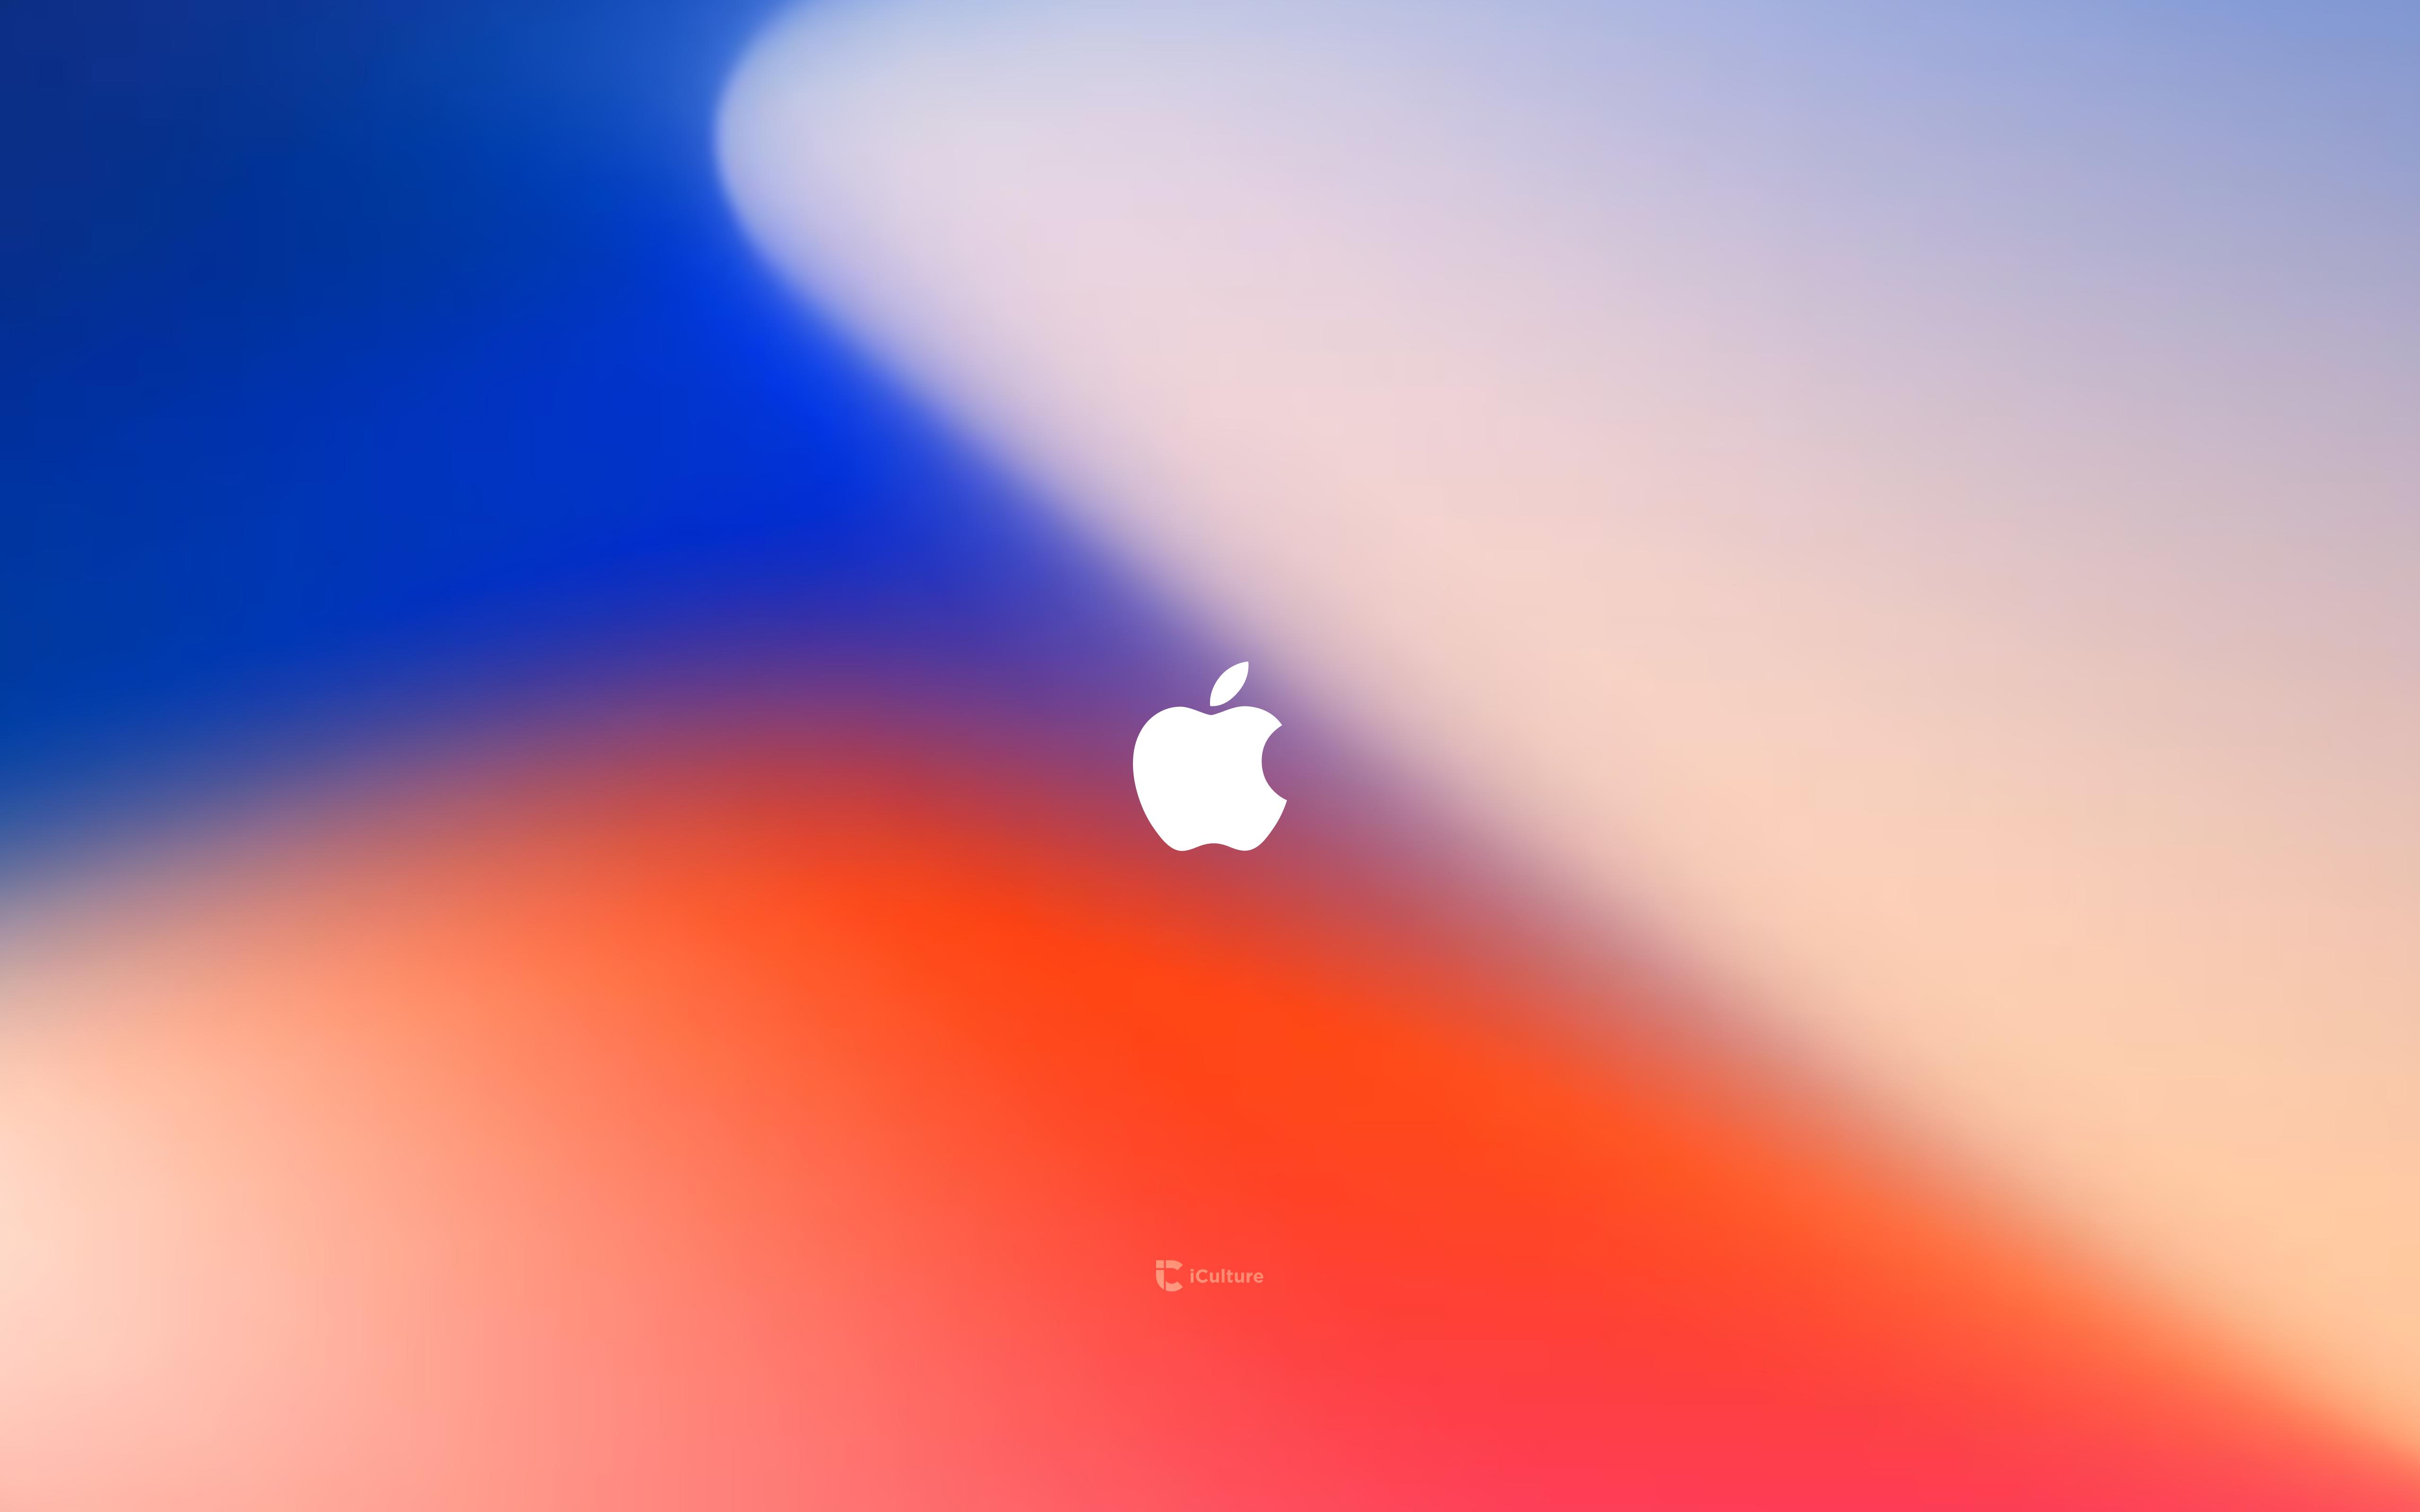 9月12日開催 Appleスペシャルイベントの招待状デザインの壁紙 Iphone Mania